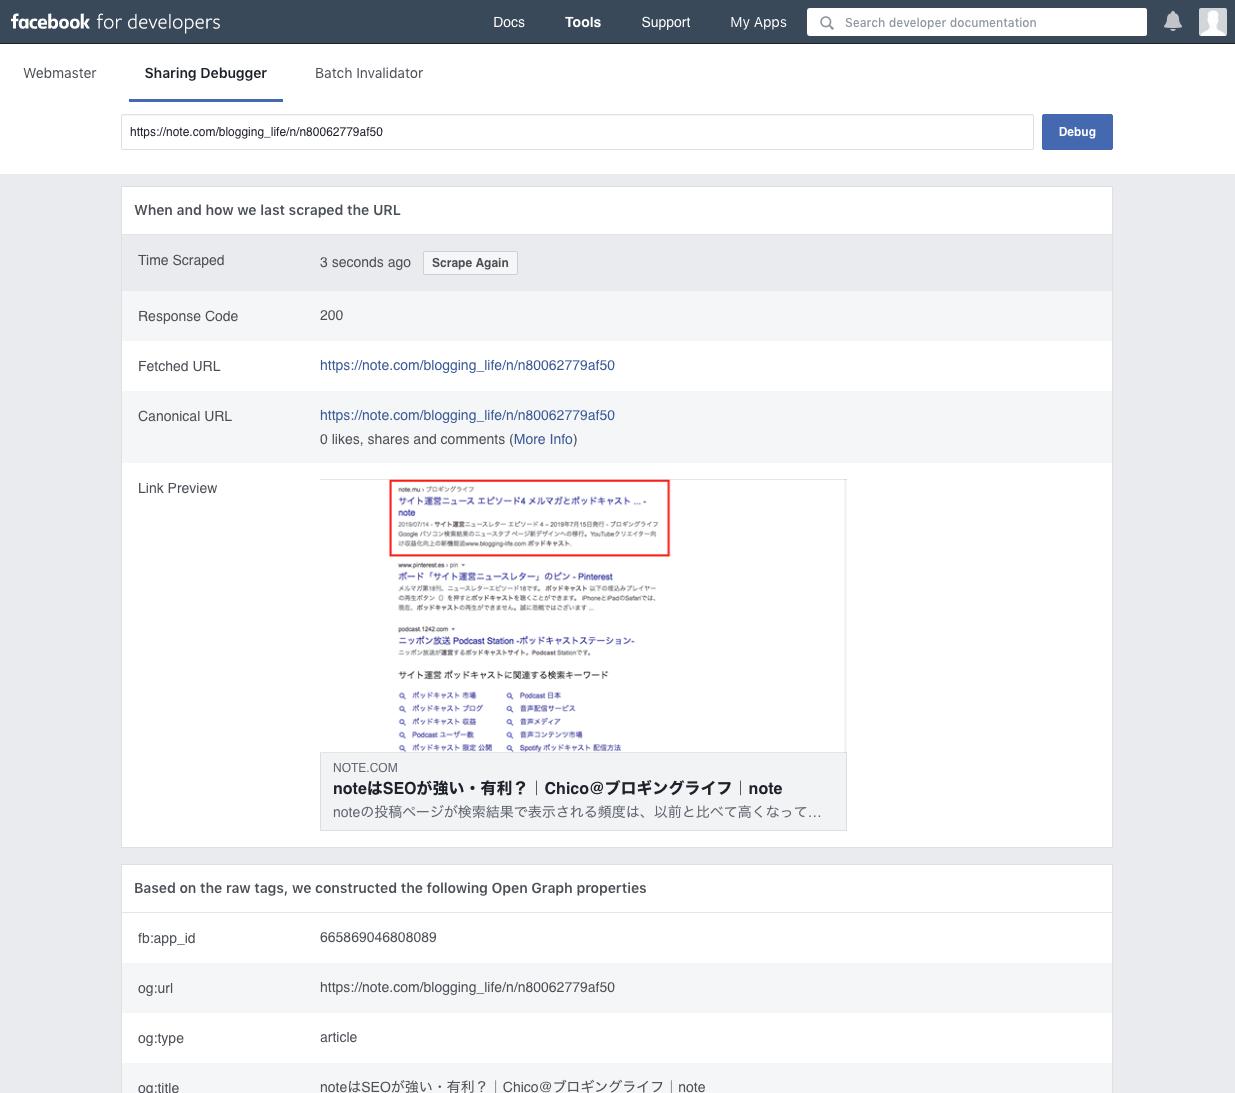 Facebook 共有デバッガーのnoteのページテスト結果